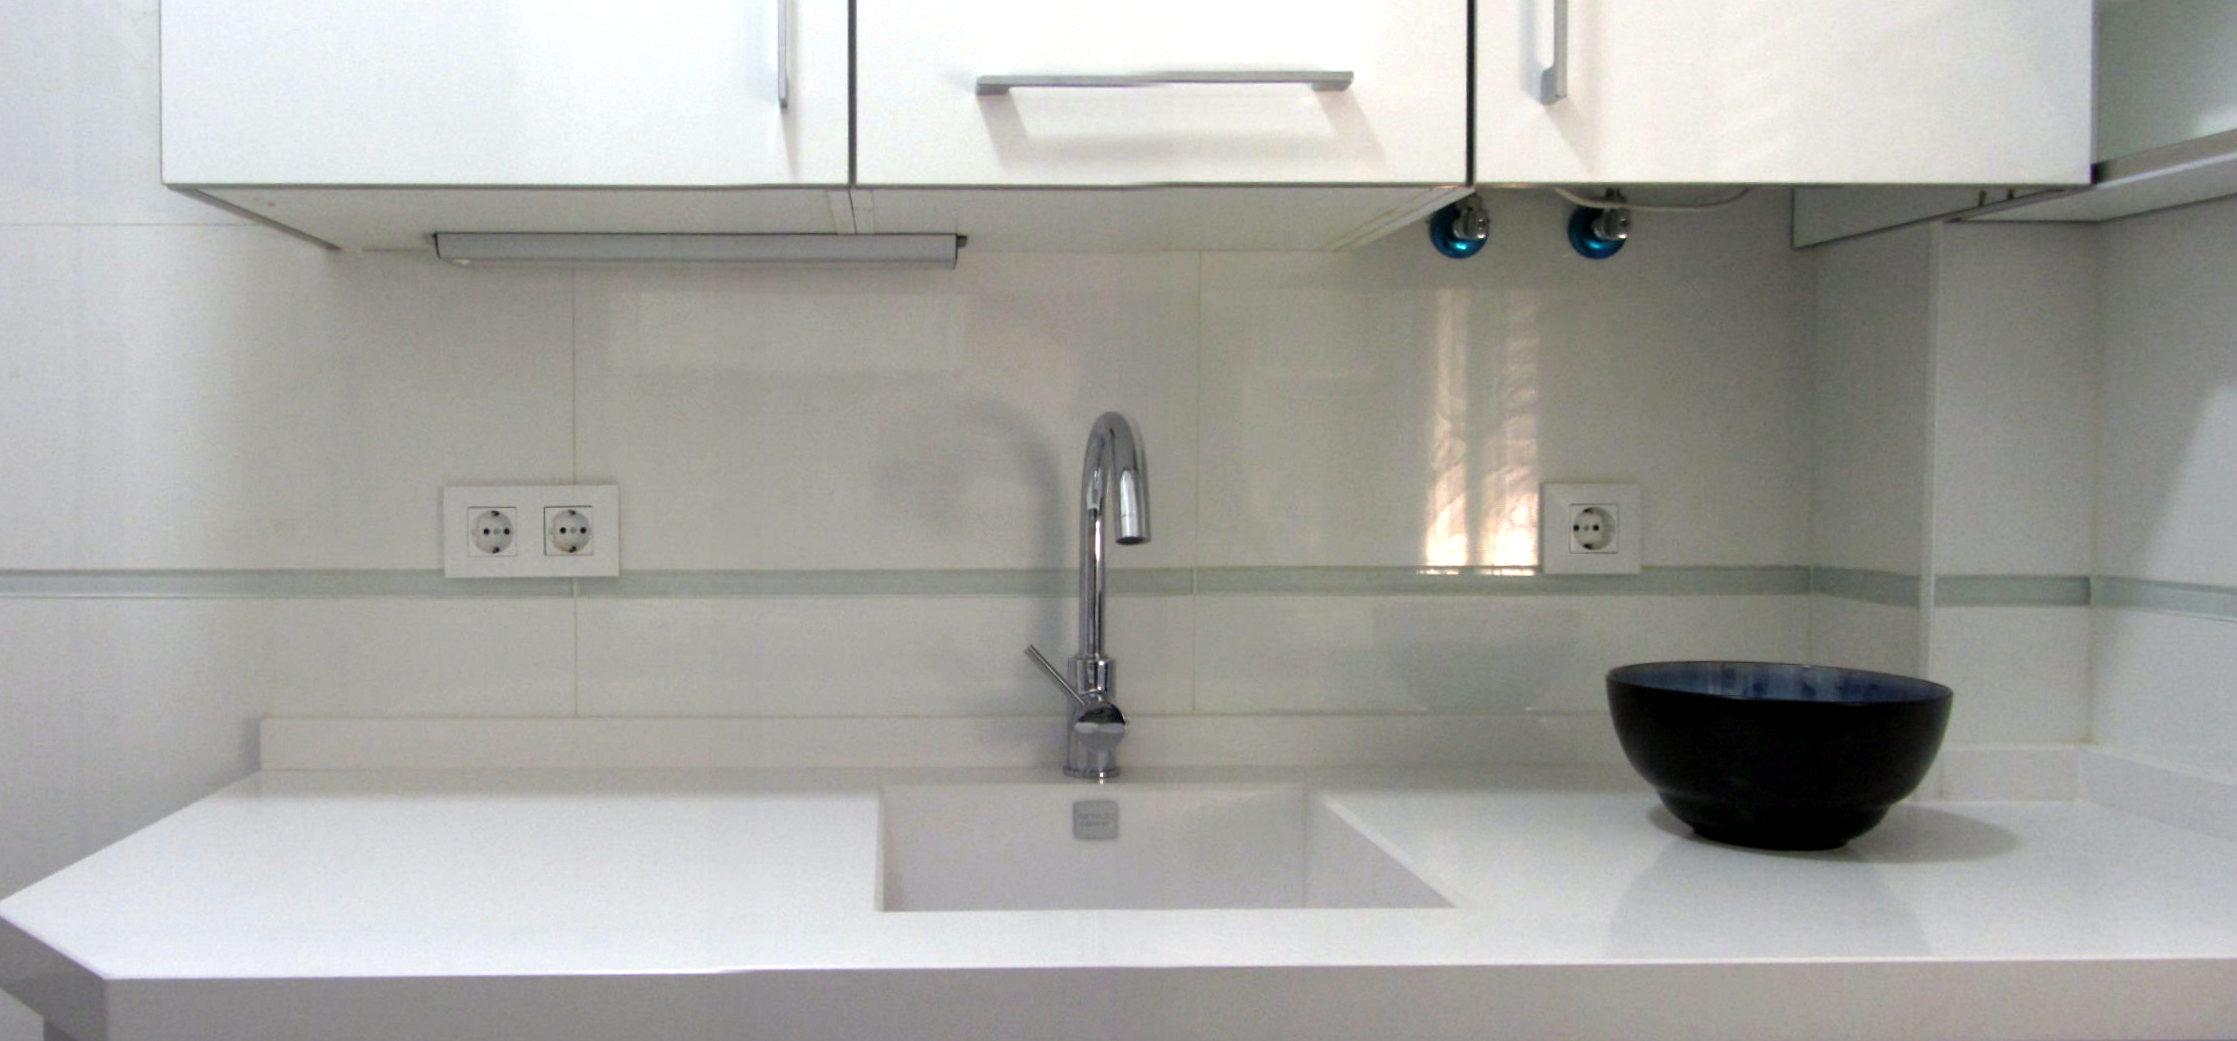 Vinilo suelo cocina affordable nuevo espejos de bao con - Vinilos suelo cocina ...